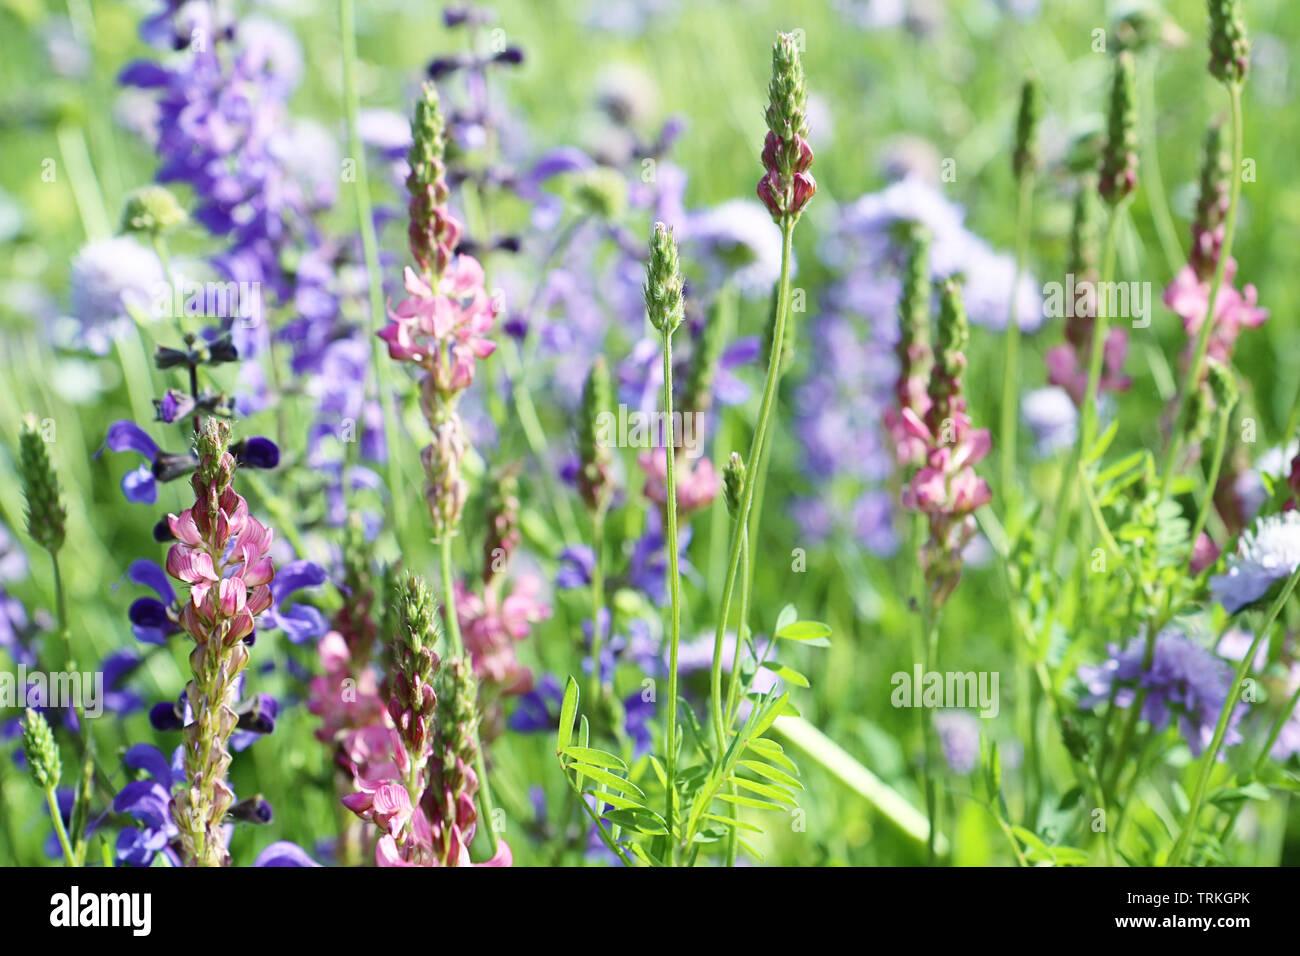 Cierre de resorte espontánea y rosa violeta lupine silvestres flores de un colorido campo rural en plena floración. Antecedentes La naturaleza, enfoque y desenfoque suave Foto de stock